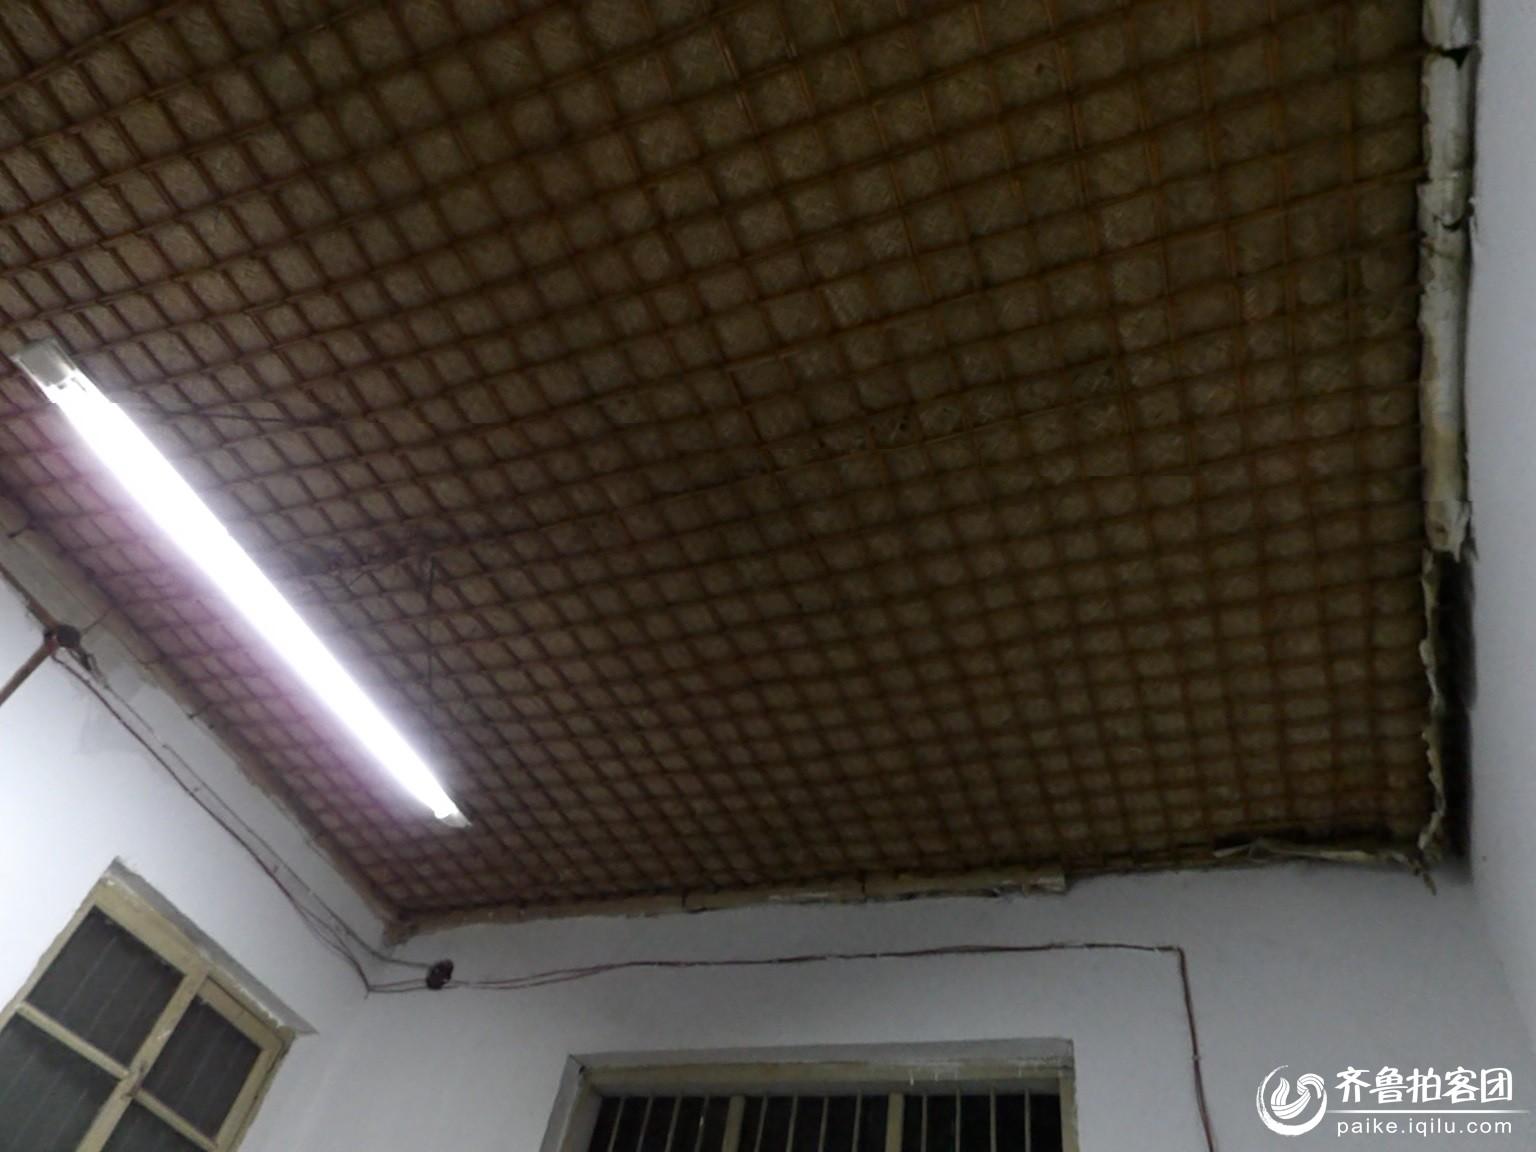 60年代的室内装修顶棚不多见了